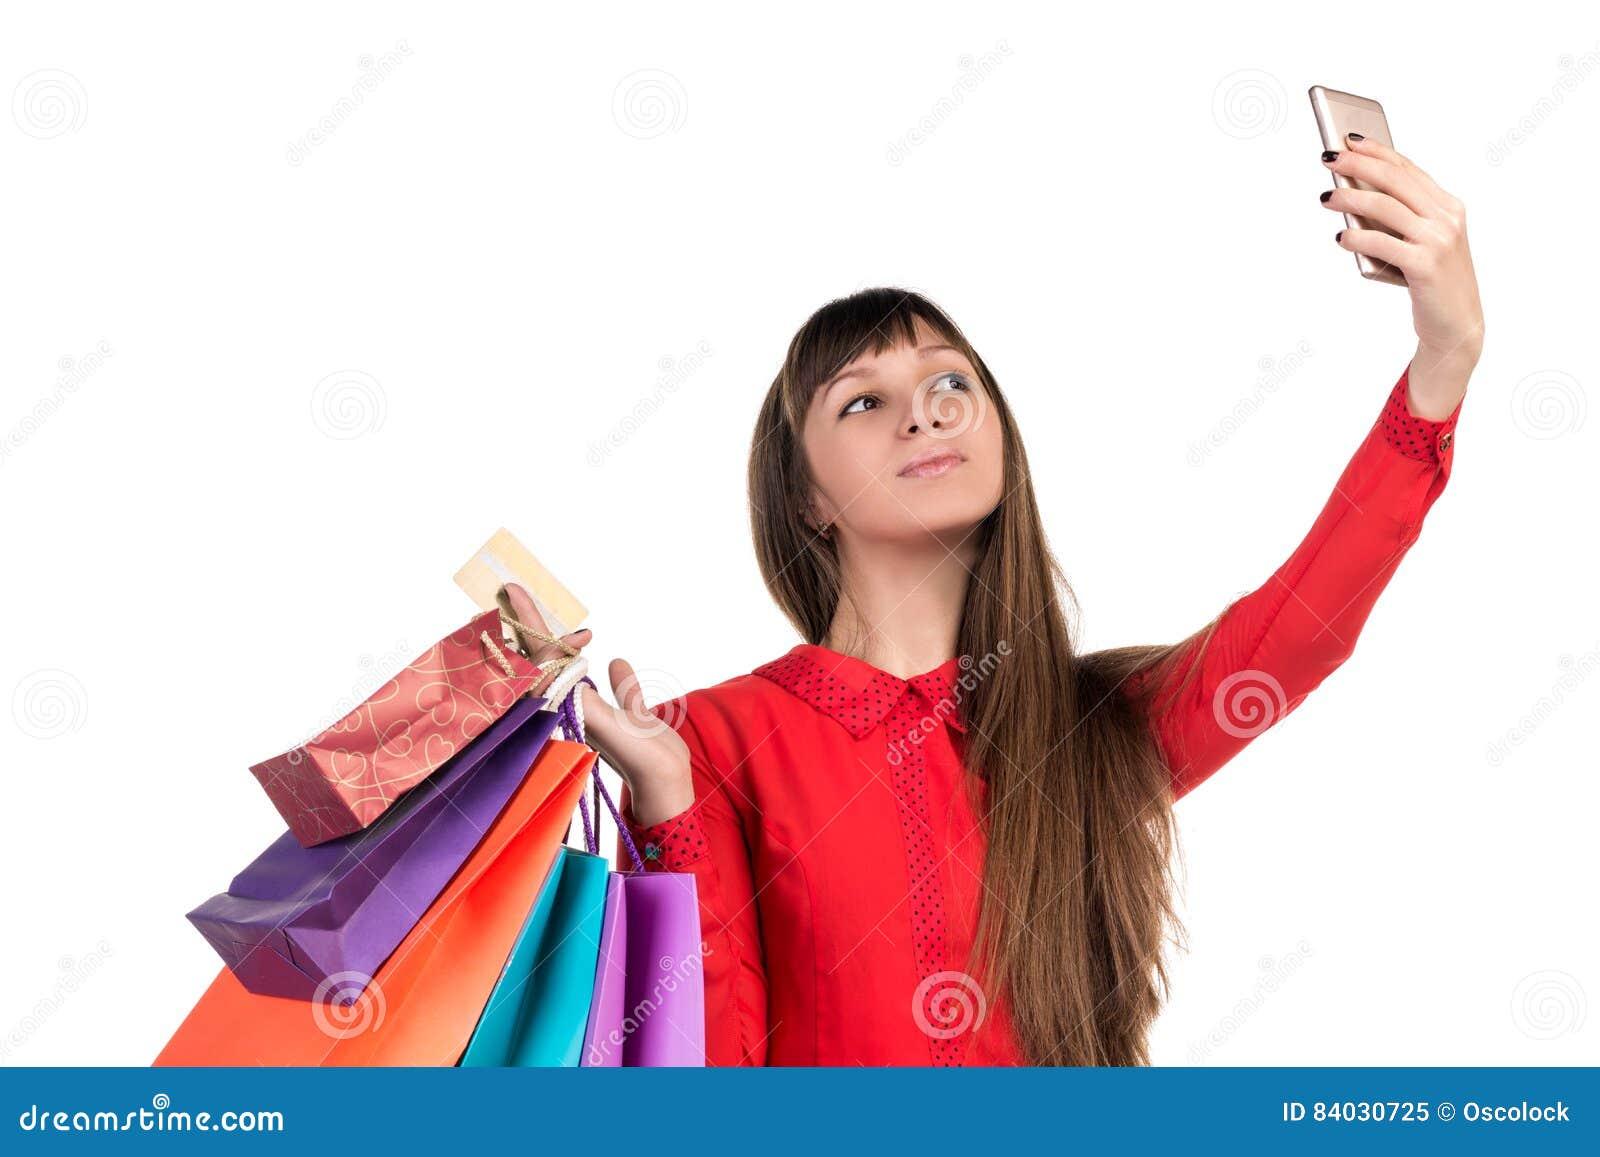 Kreditkort till student